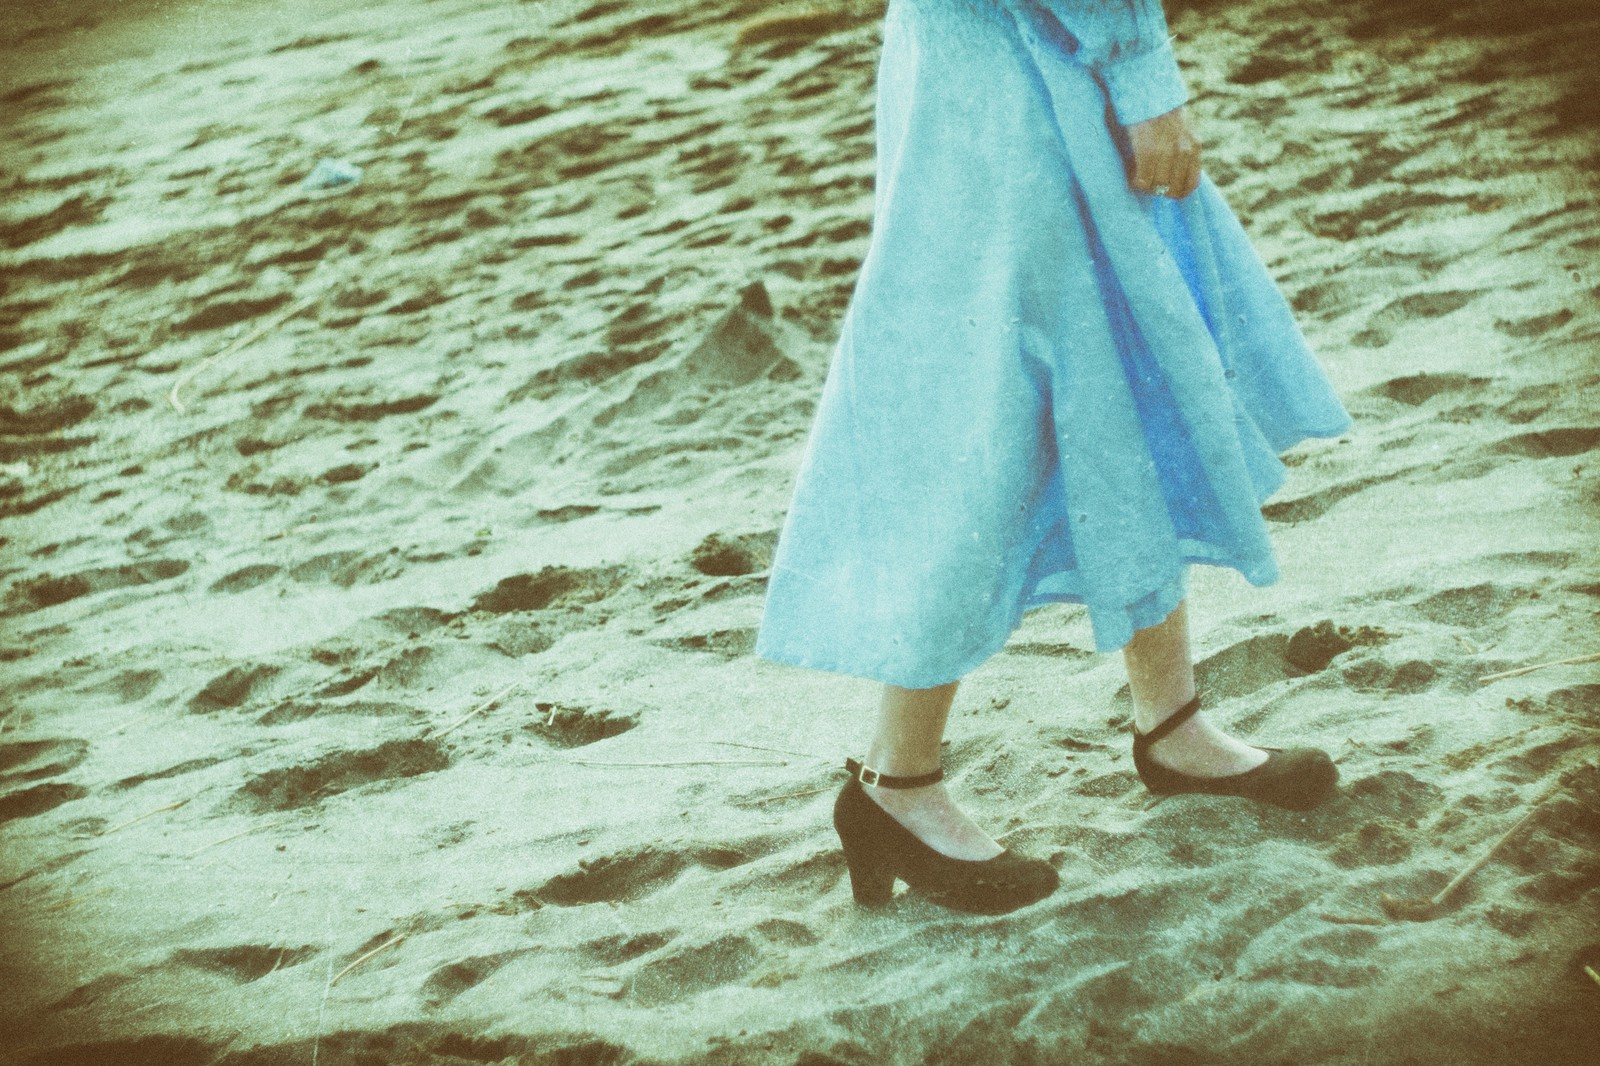 「2人で行った旅行先の海岸」